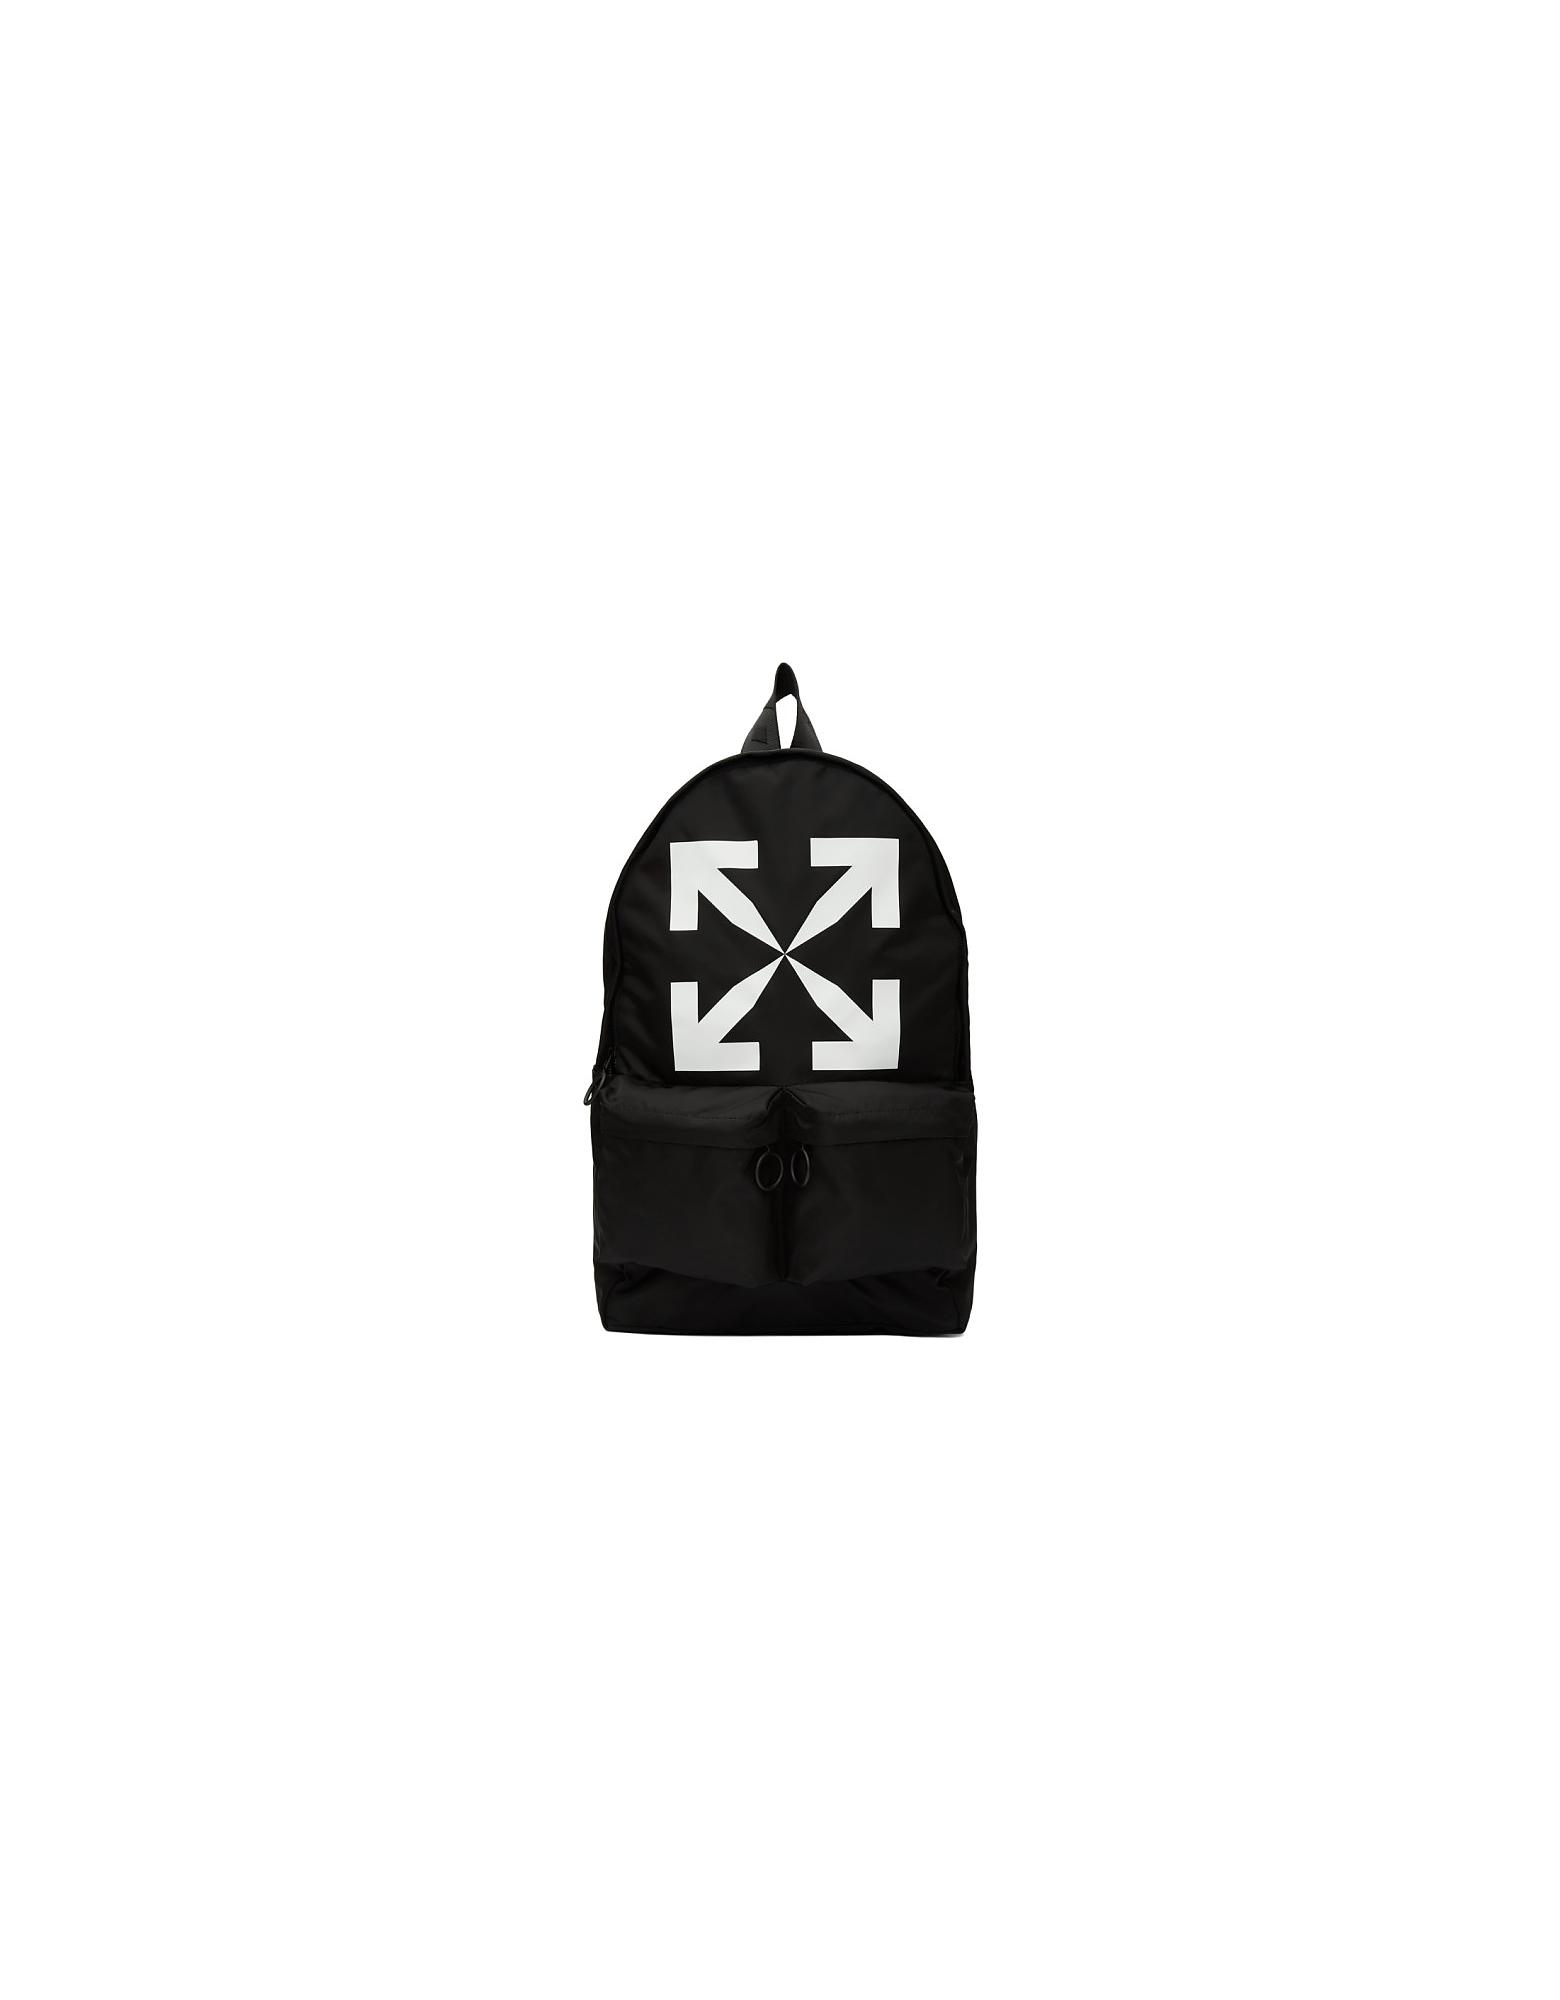 Off-White Designer Handbags, Black Arrow Backpack